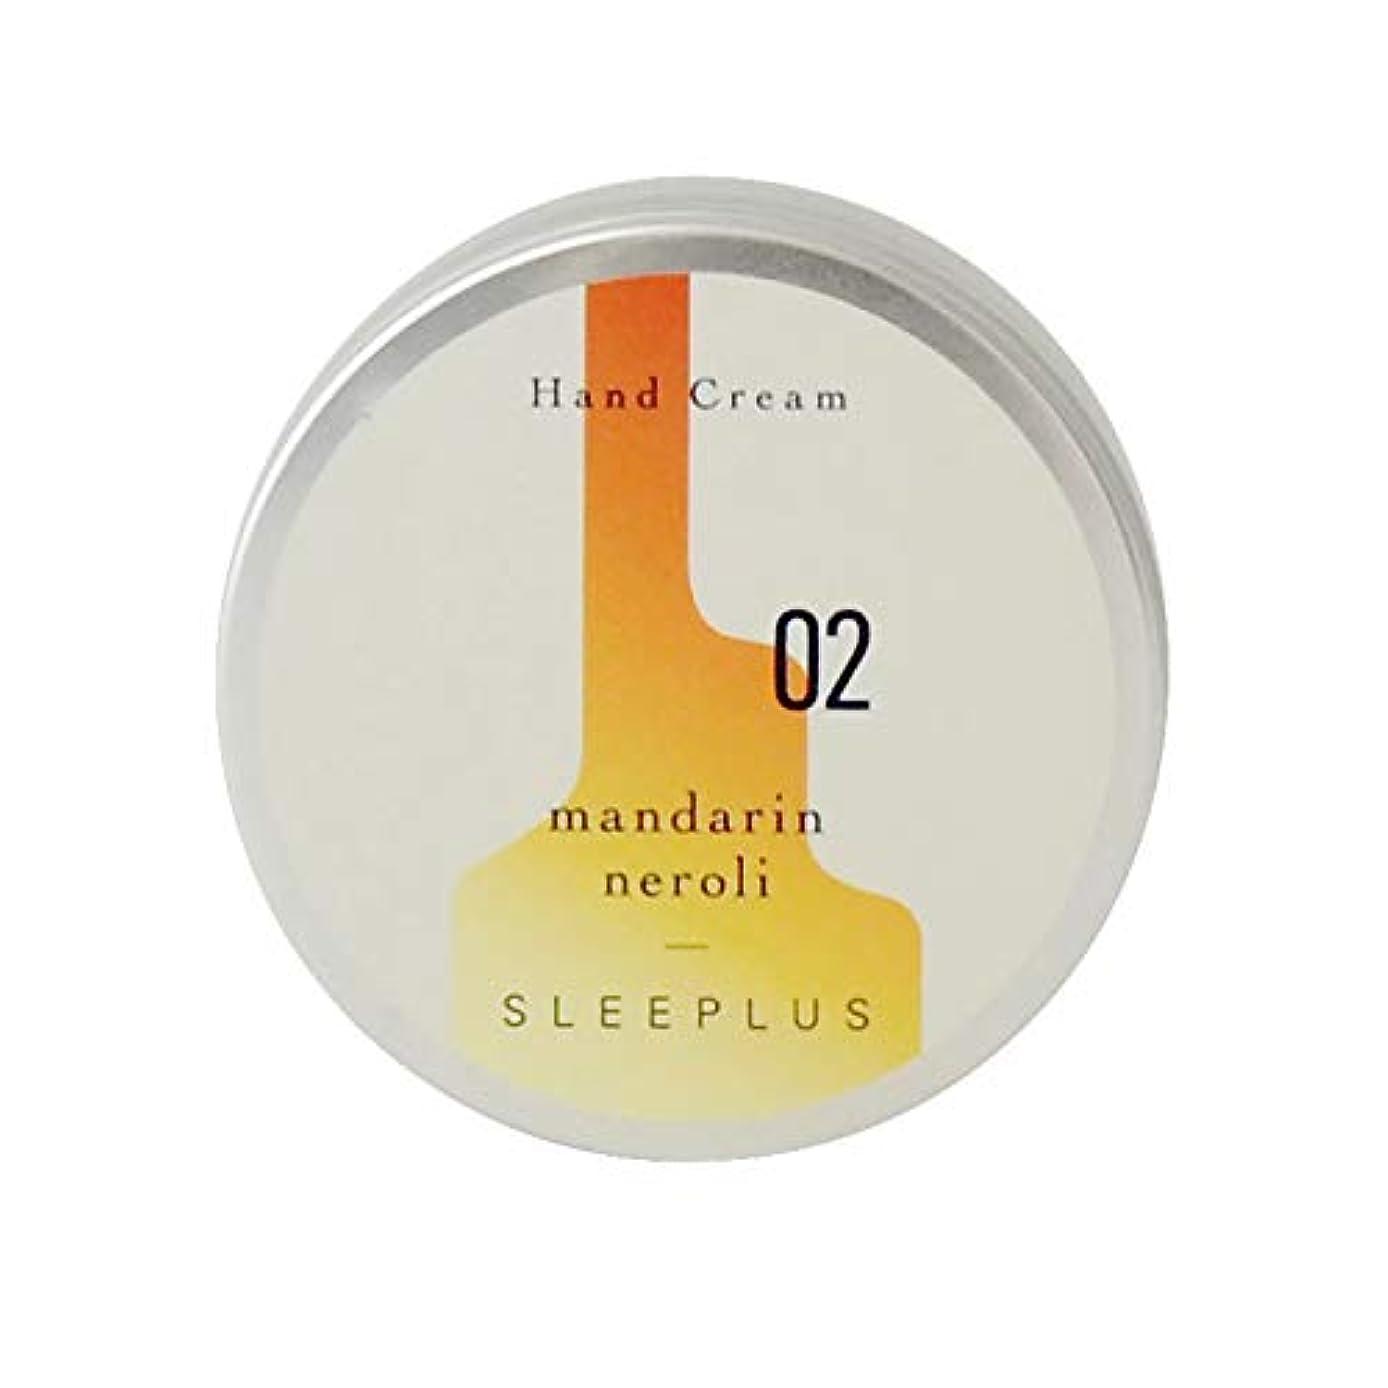 サスペンド乱用思慮のないHeavenly Aroom ハンドクリーム SLEEPLUS 02 マンダリンネロリ 75g